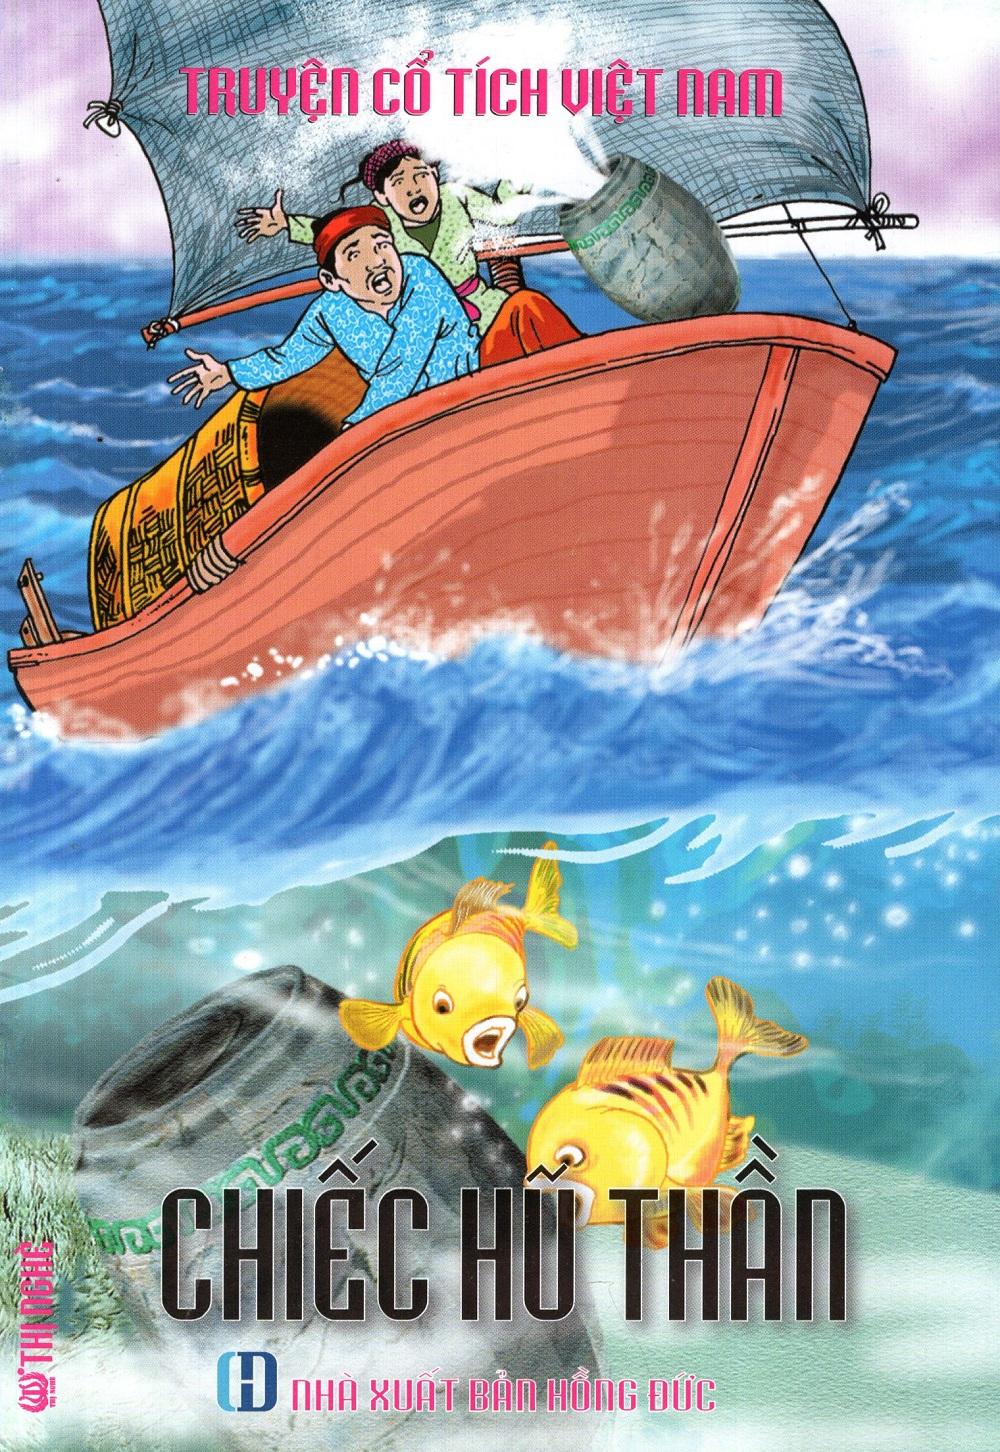 Truyện Cổ Tích Việt Nam - Chiếc Hũ Thần